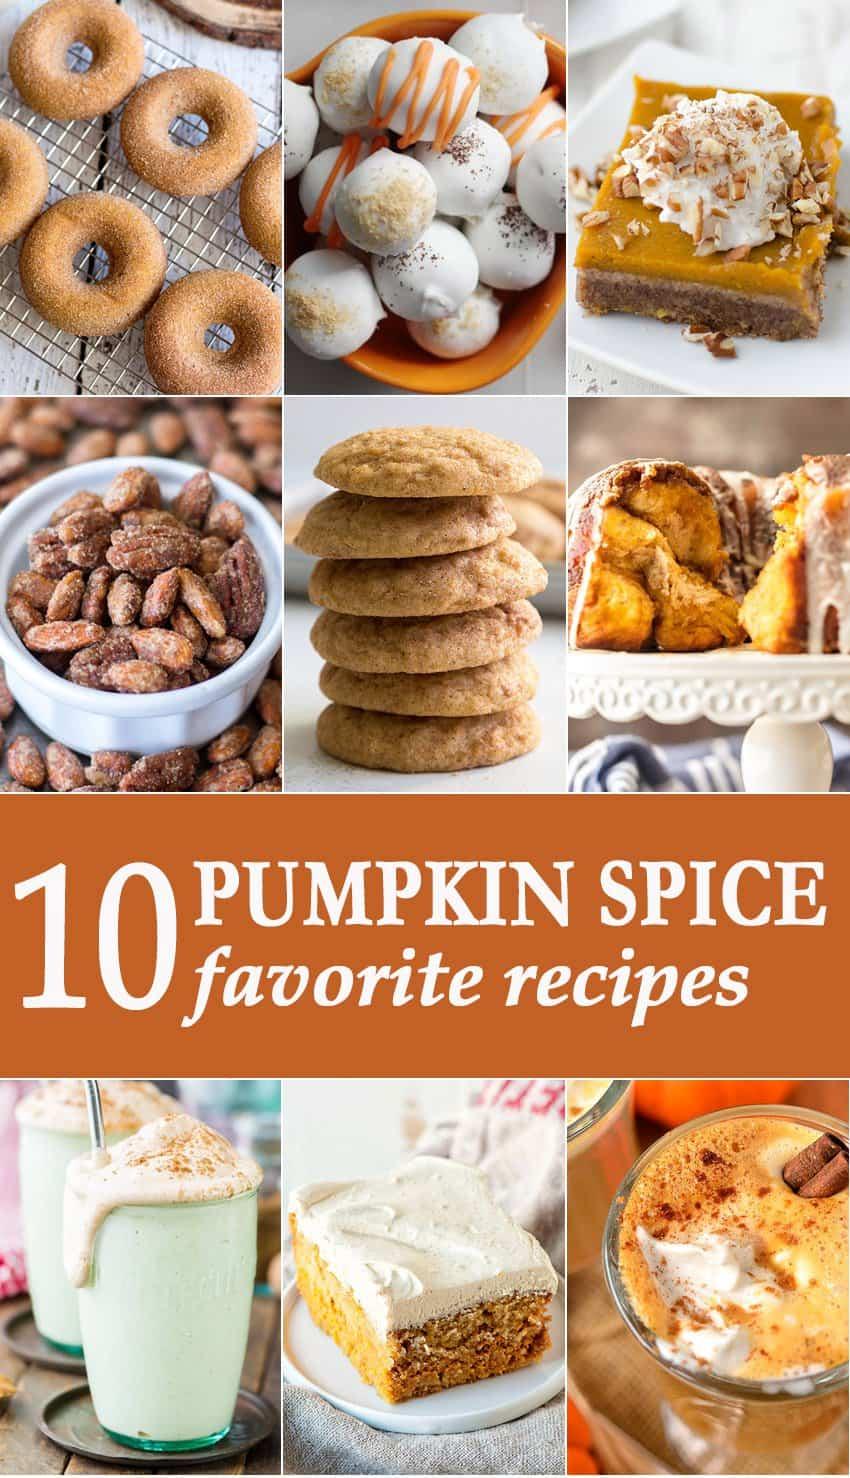 Pumpkin Spice Favorite Recipes